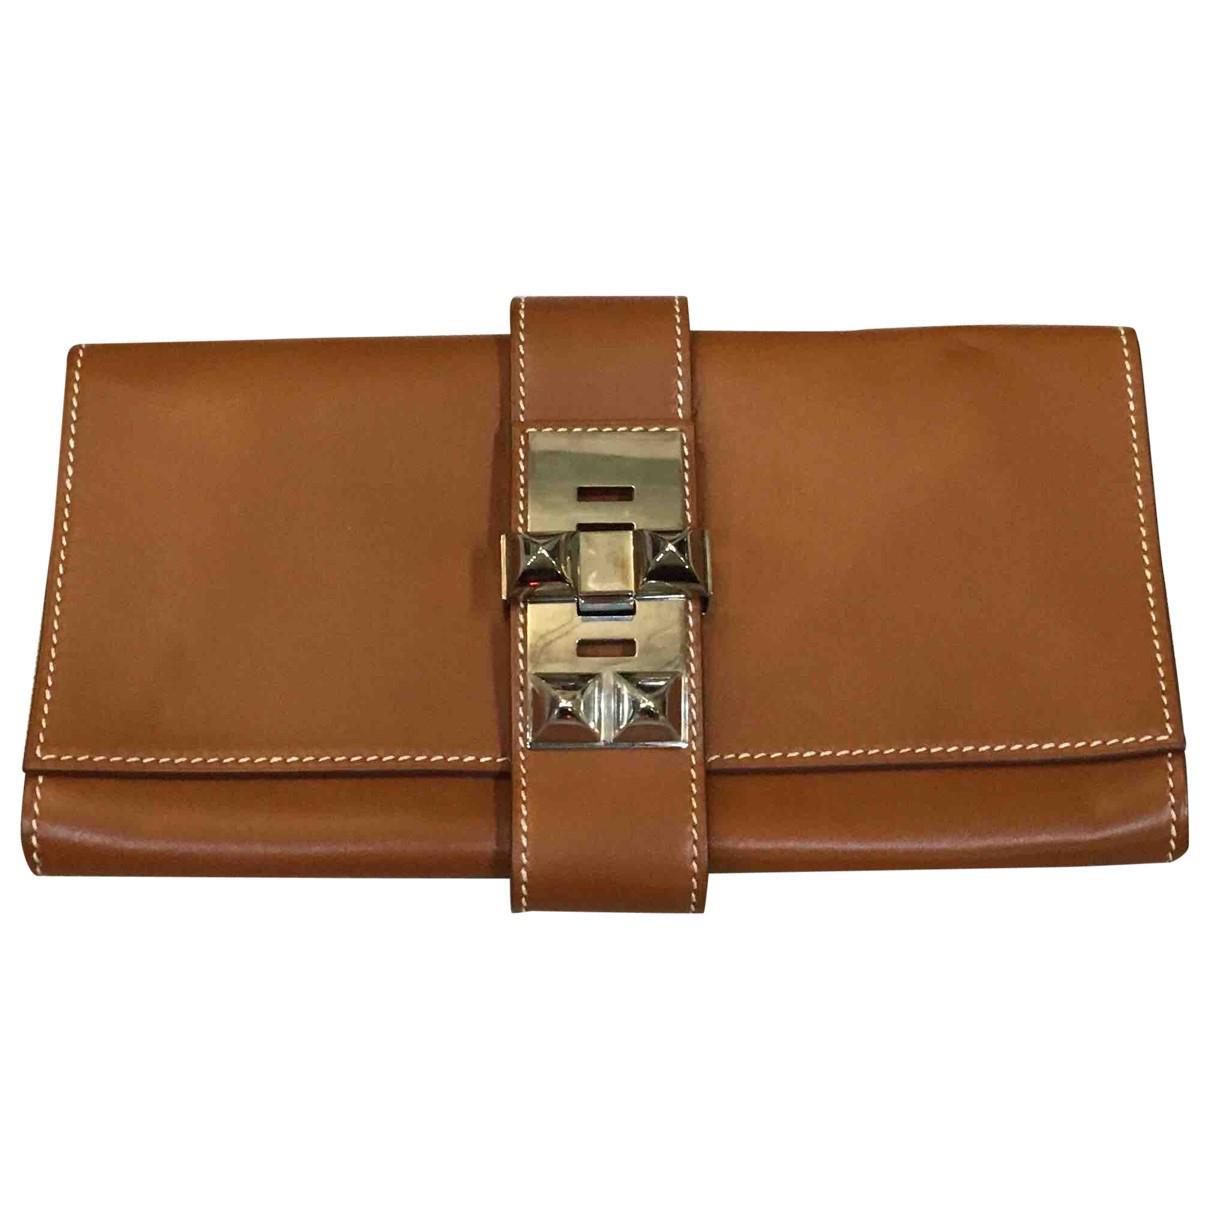 Hermès Pre-owned - Medor leather clutch bag McHp1j